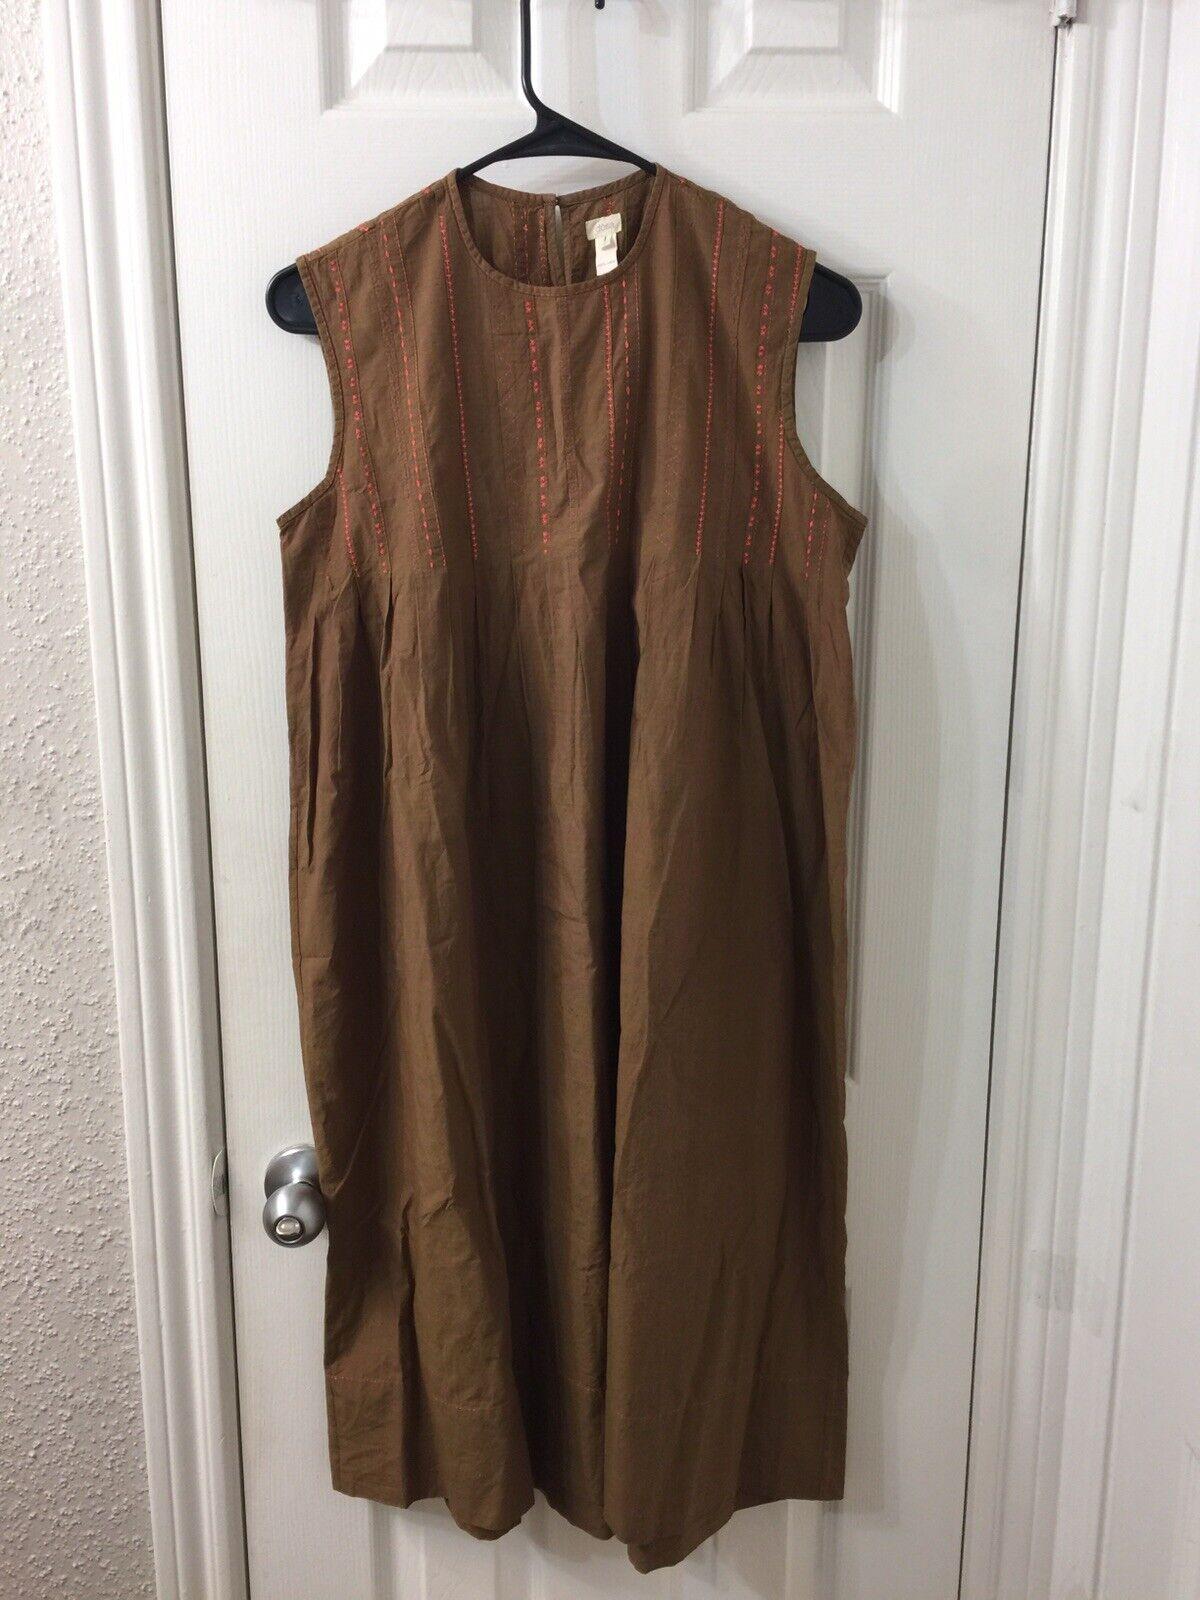 Dosa Cotton Brown Sleeveless Dress Sz 1 1 1 1798d8